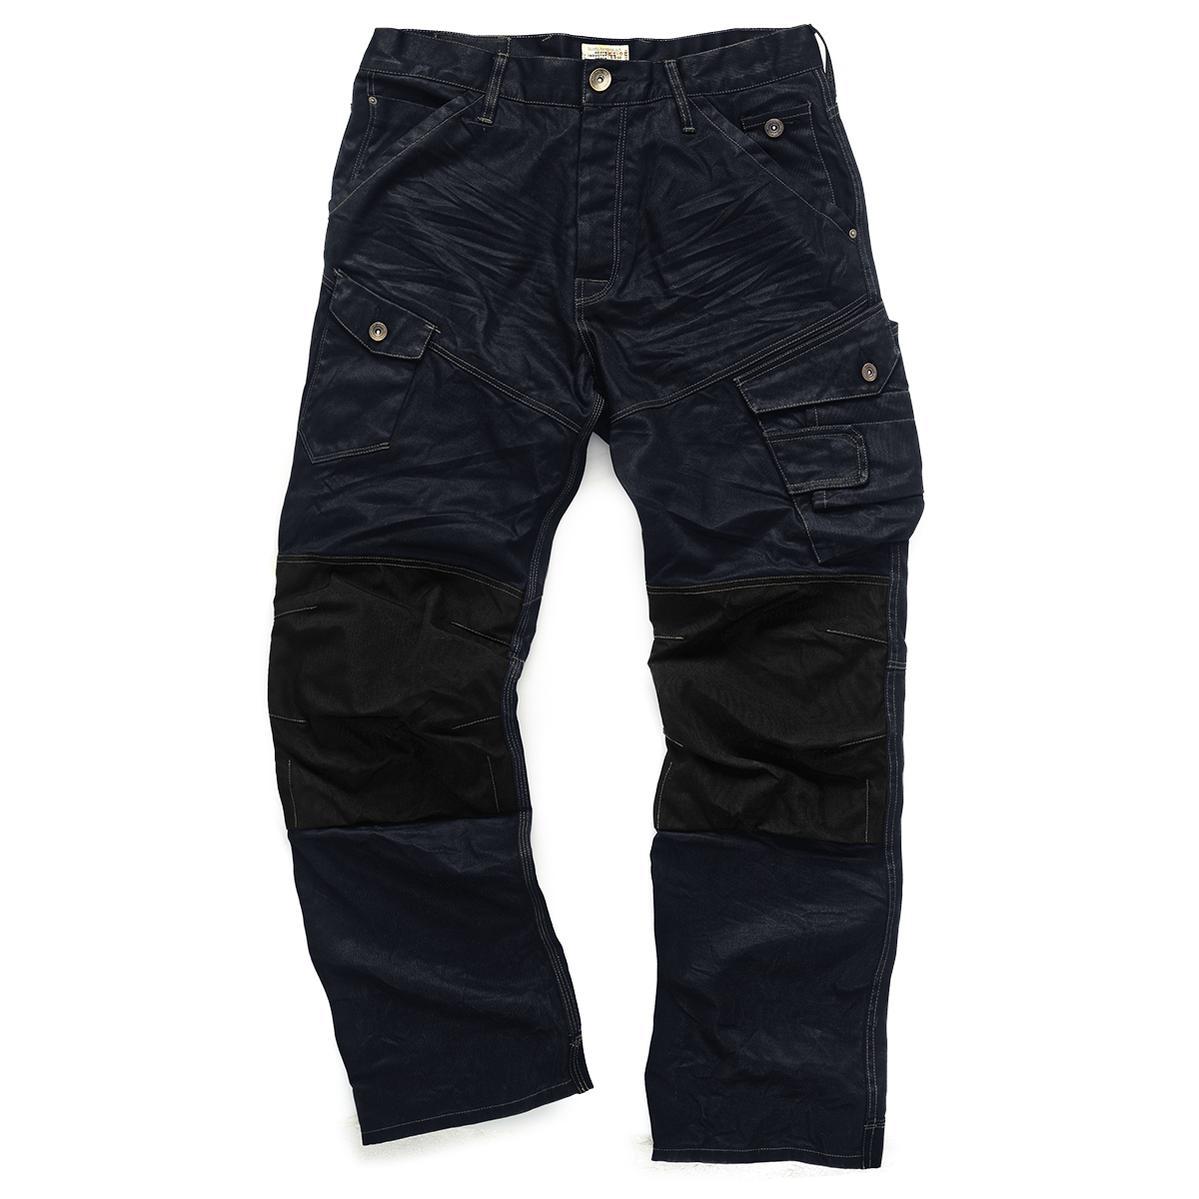 Image for Drezna Jeans